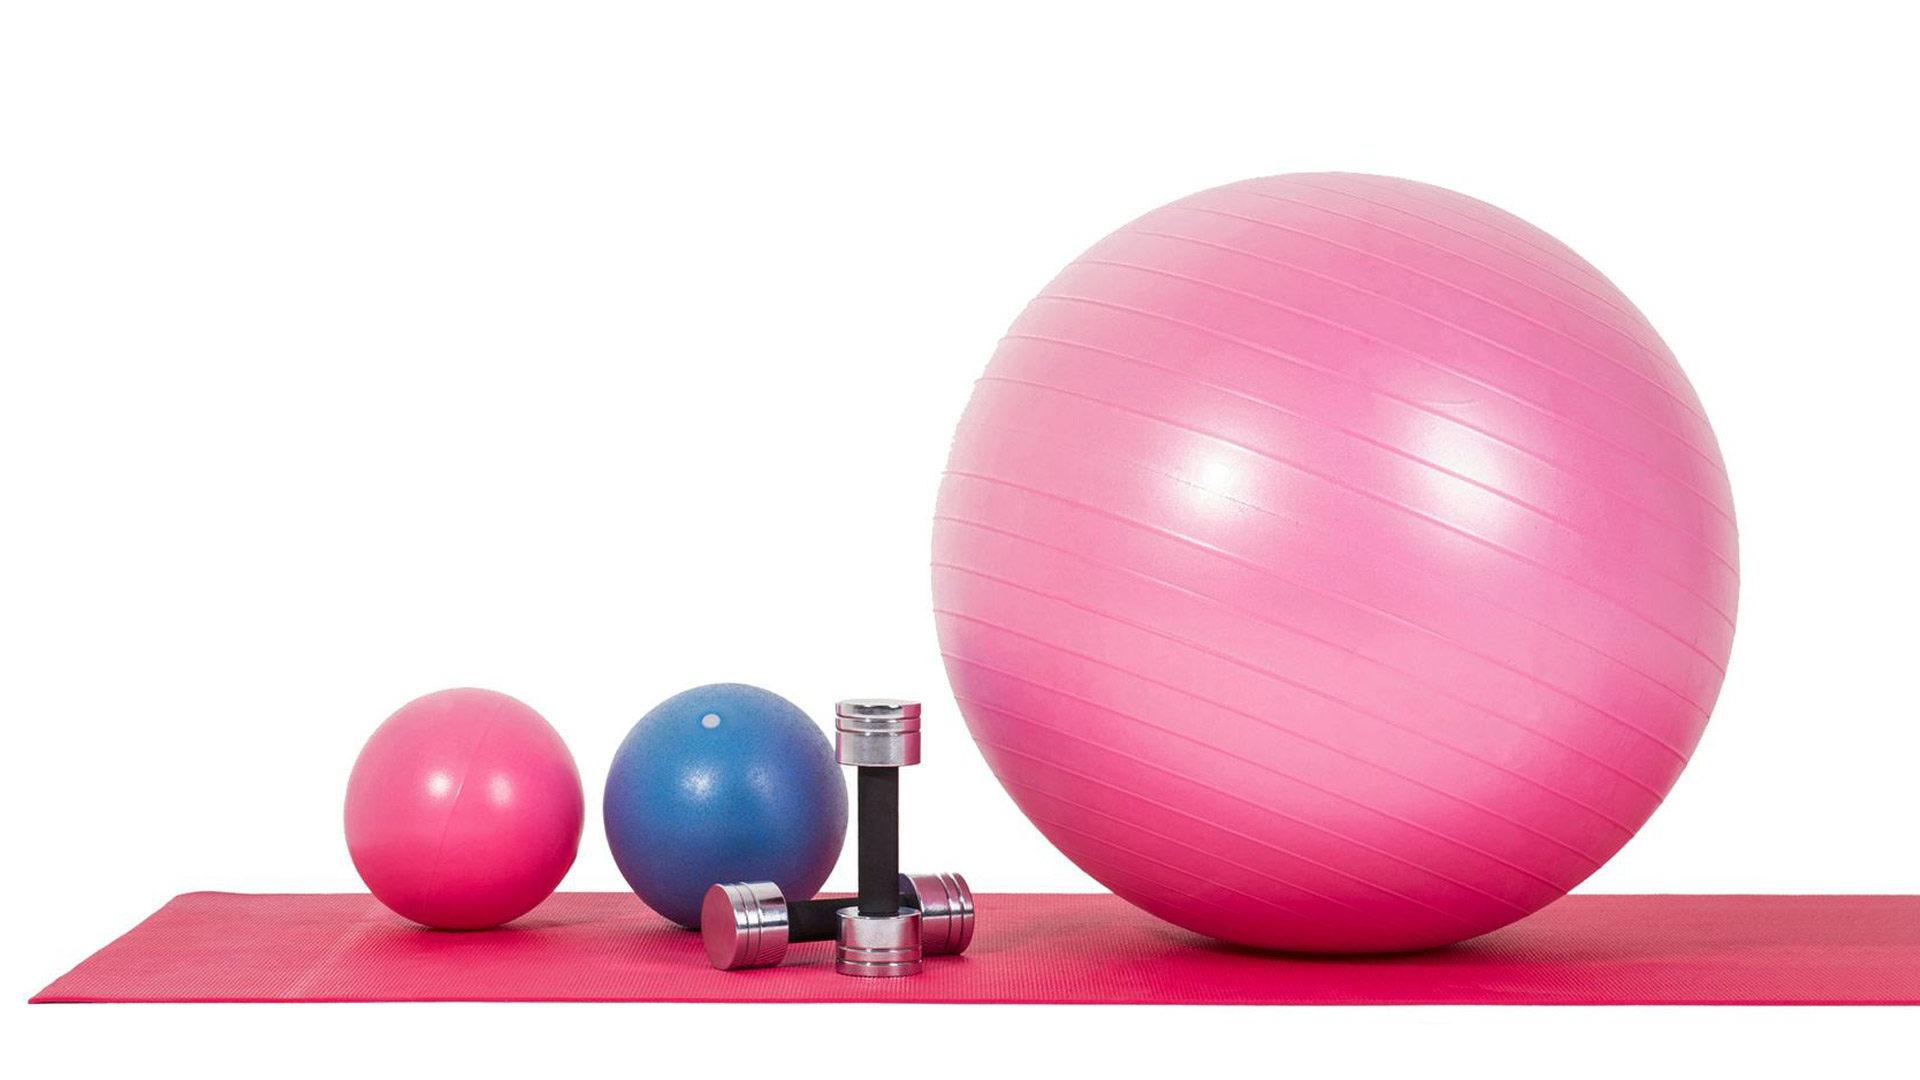 Katja Kero suosittelee virtsankarkailuun hoidoksi joogaa, pilatesta, vatsatanssia tai muuta liikuntaa, jossa lantionpohjan lihaksia voidaan harjoittaa tehokkaasti.